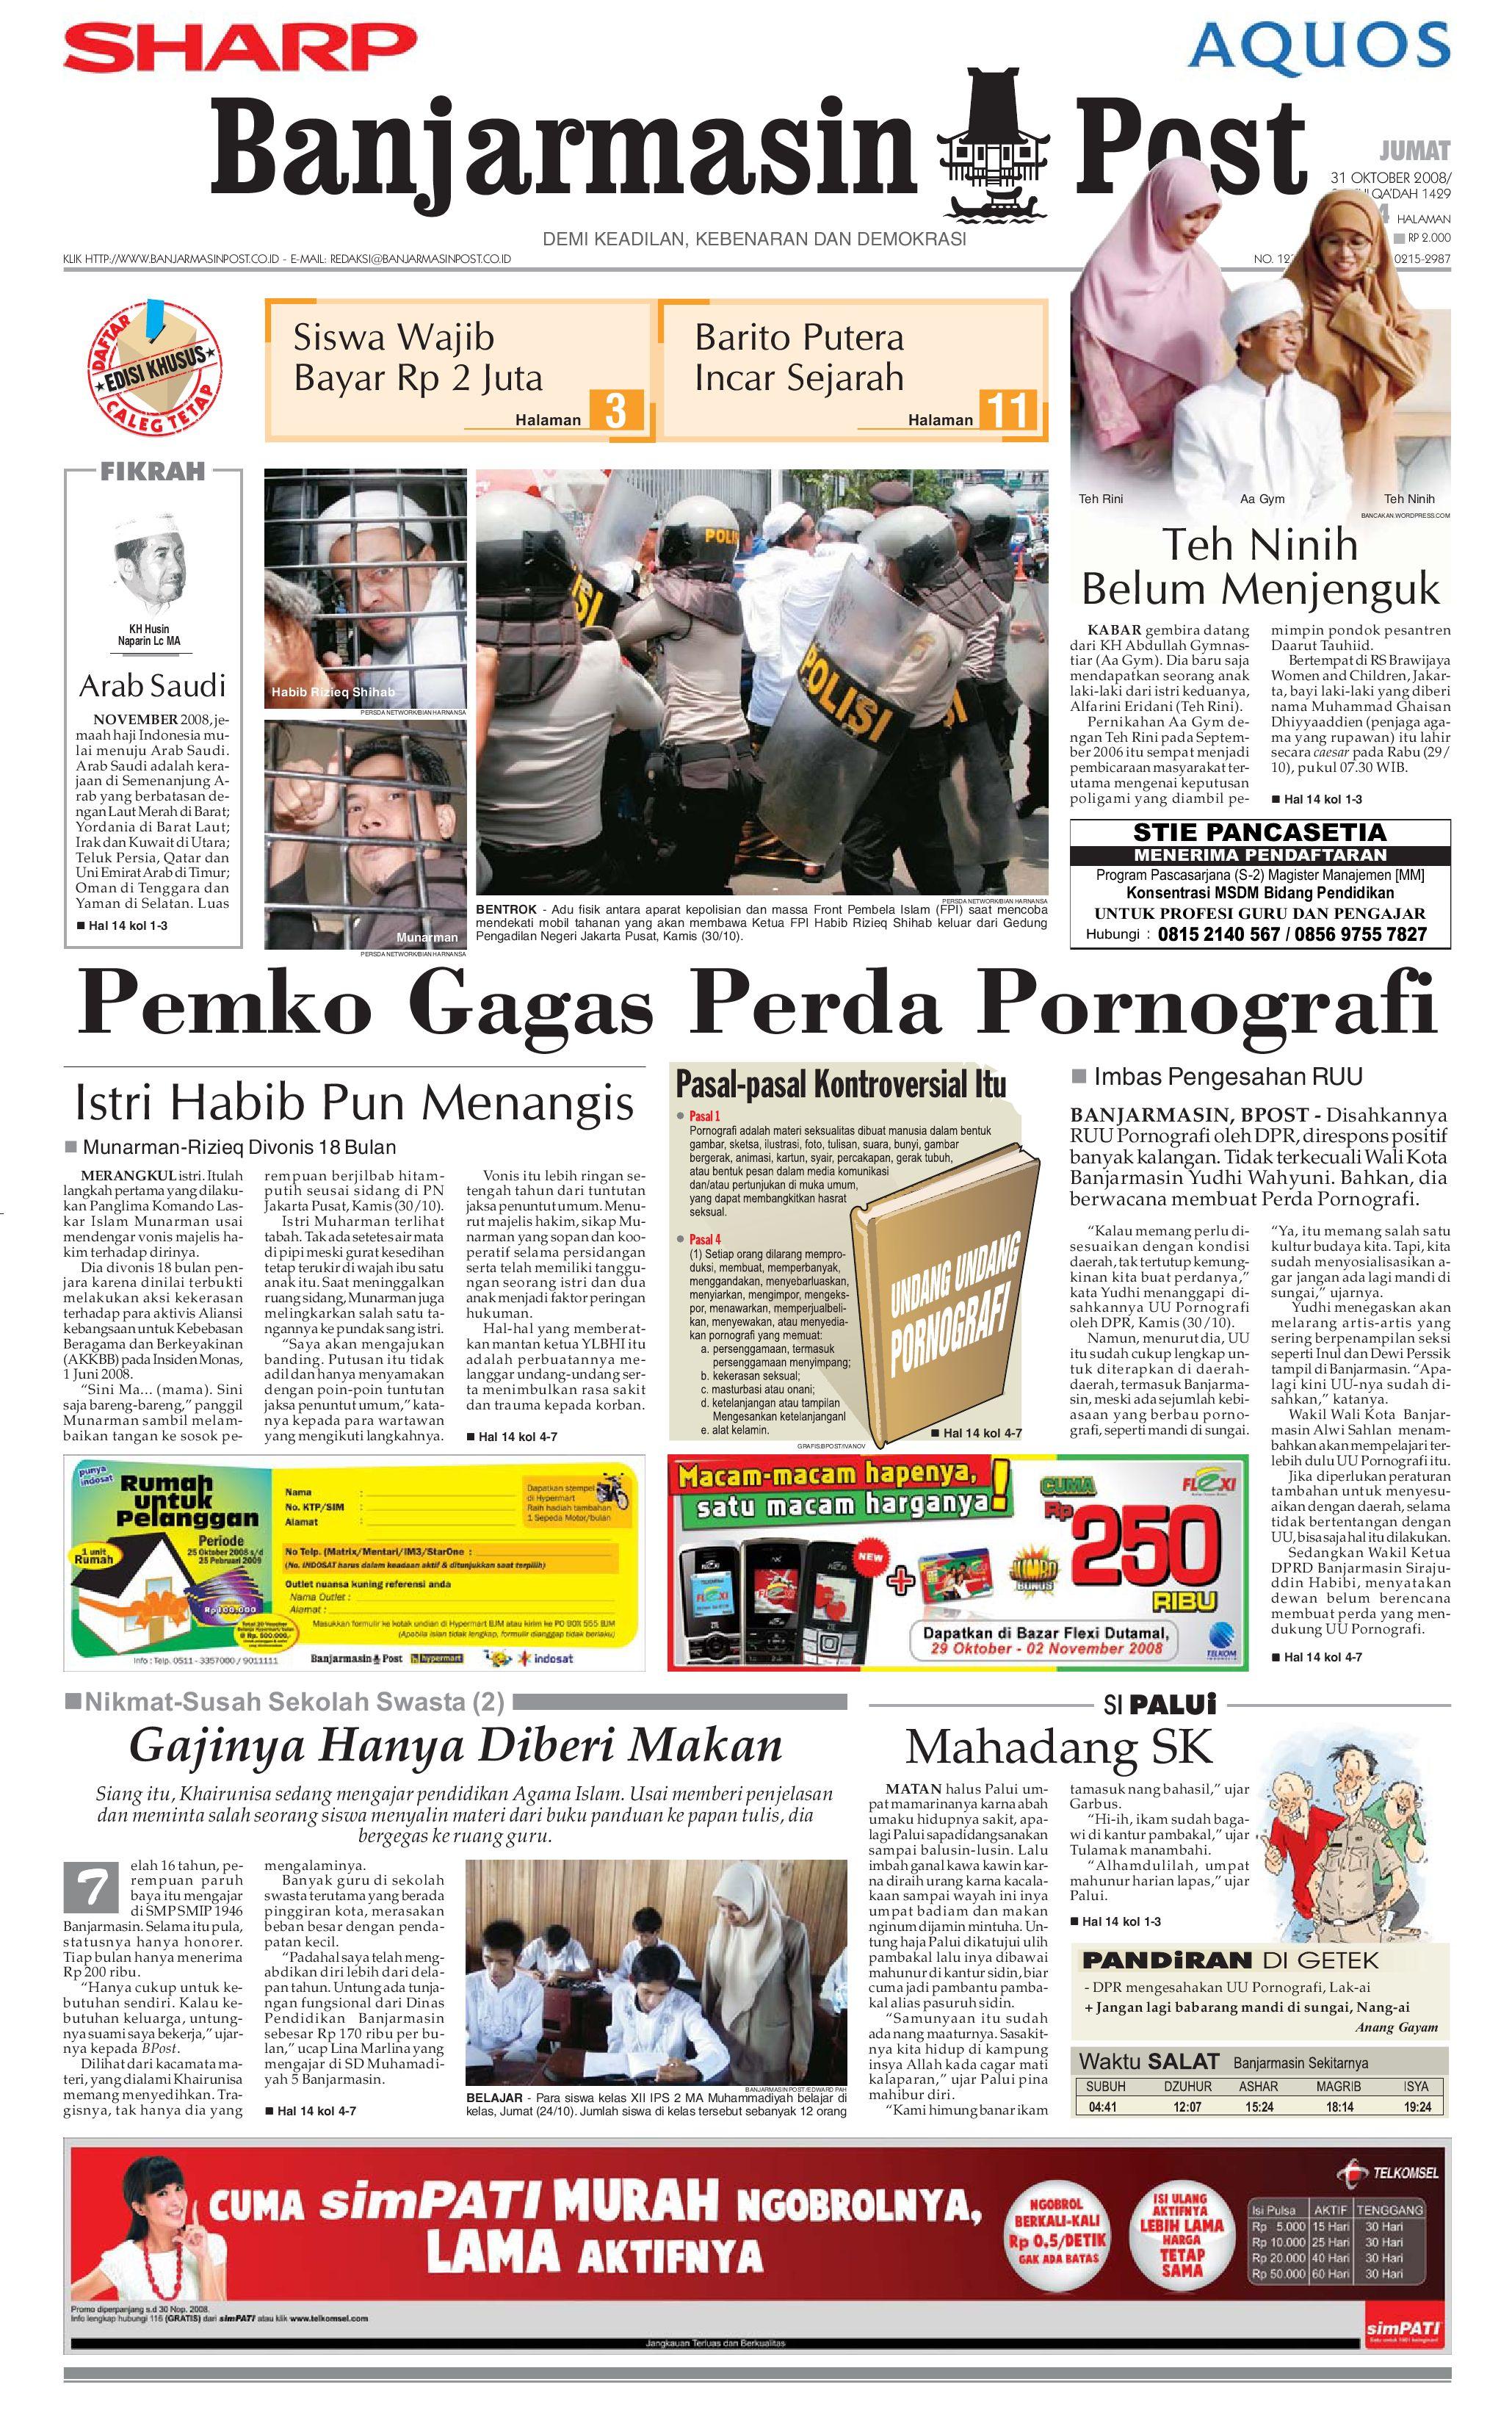 Banjarmasin Post - 31 Oktober 2008 by Banjarmasin Post - issuu b410764c4b